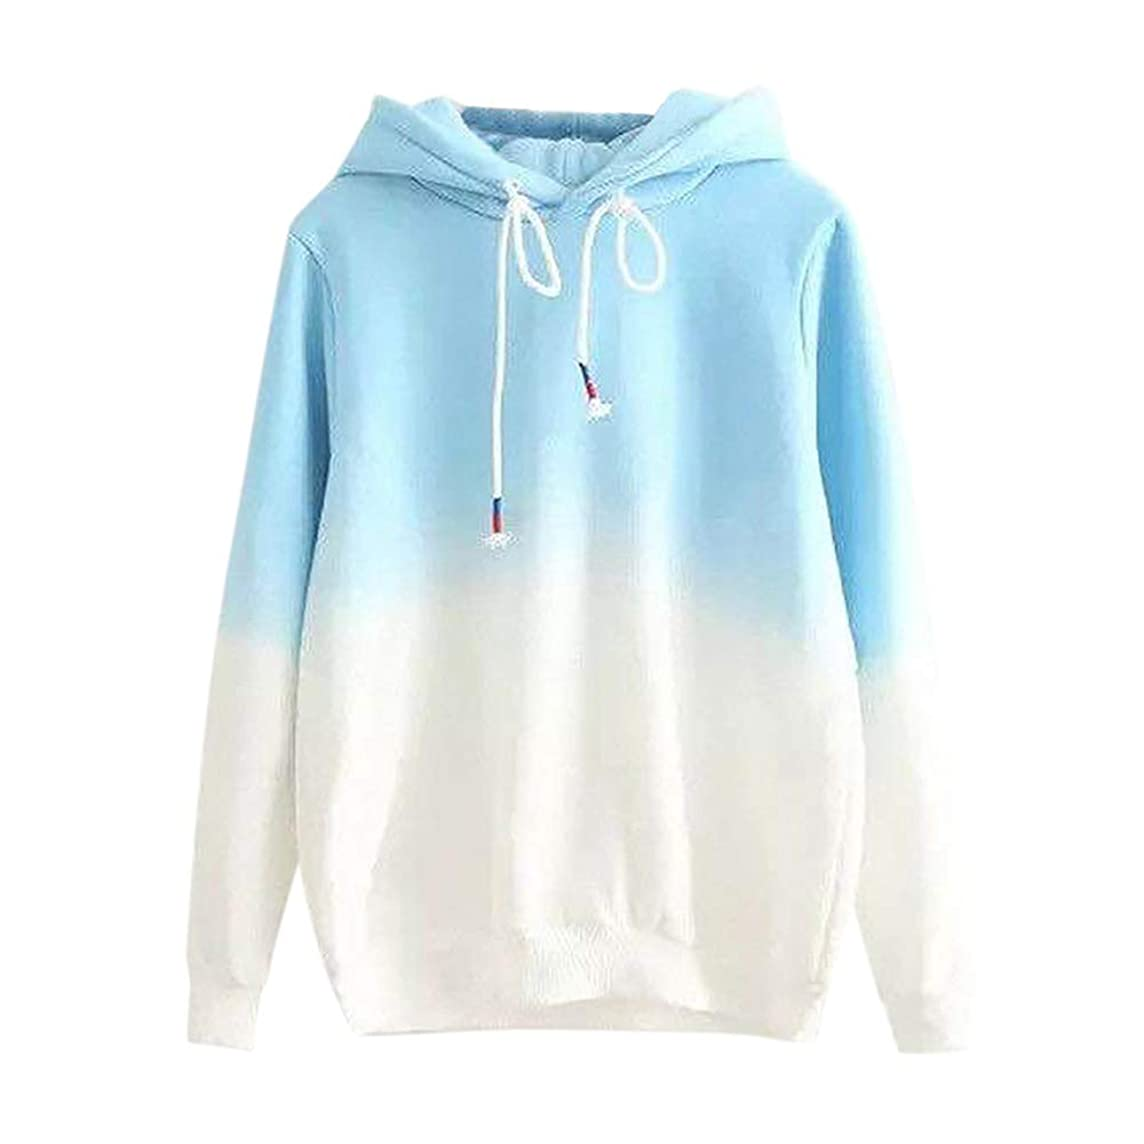 KIKOY Long Sleeve Women Hoodie Print Patchwork Sweatshirt Pullover Tops Blouse